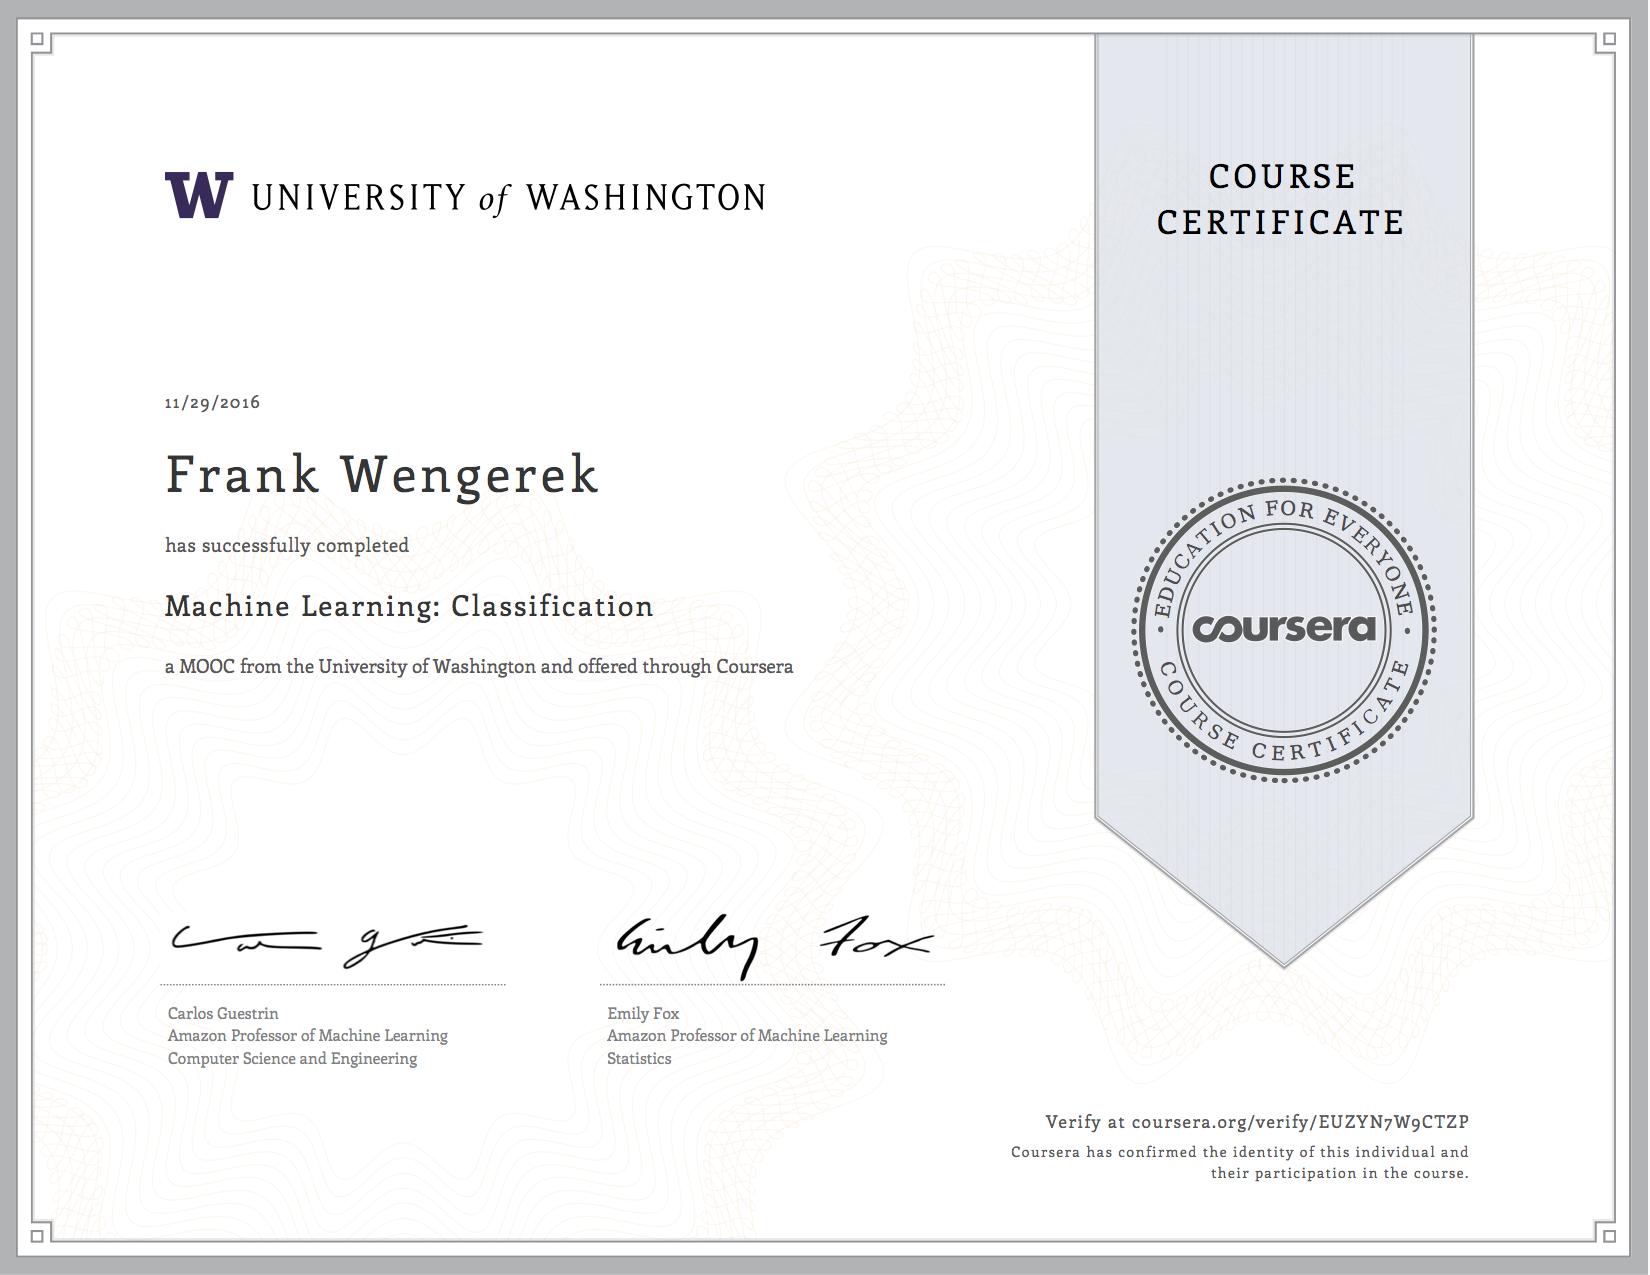 Zertifikat der University of Washington für einen Machine Learning Kurs - wengerekConsulting